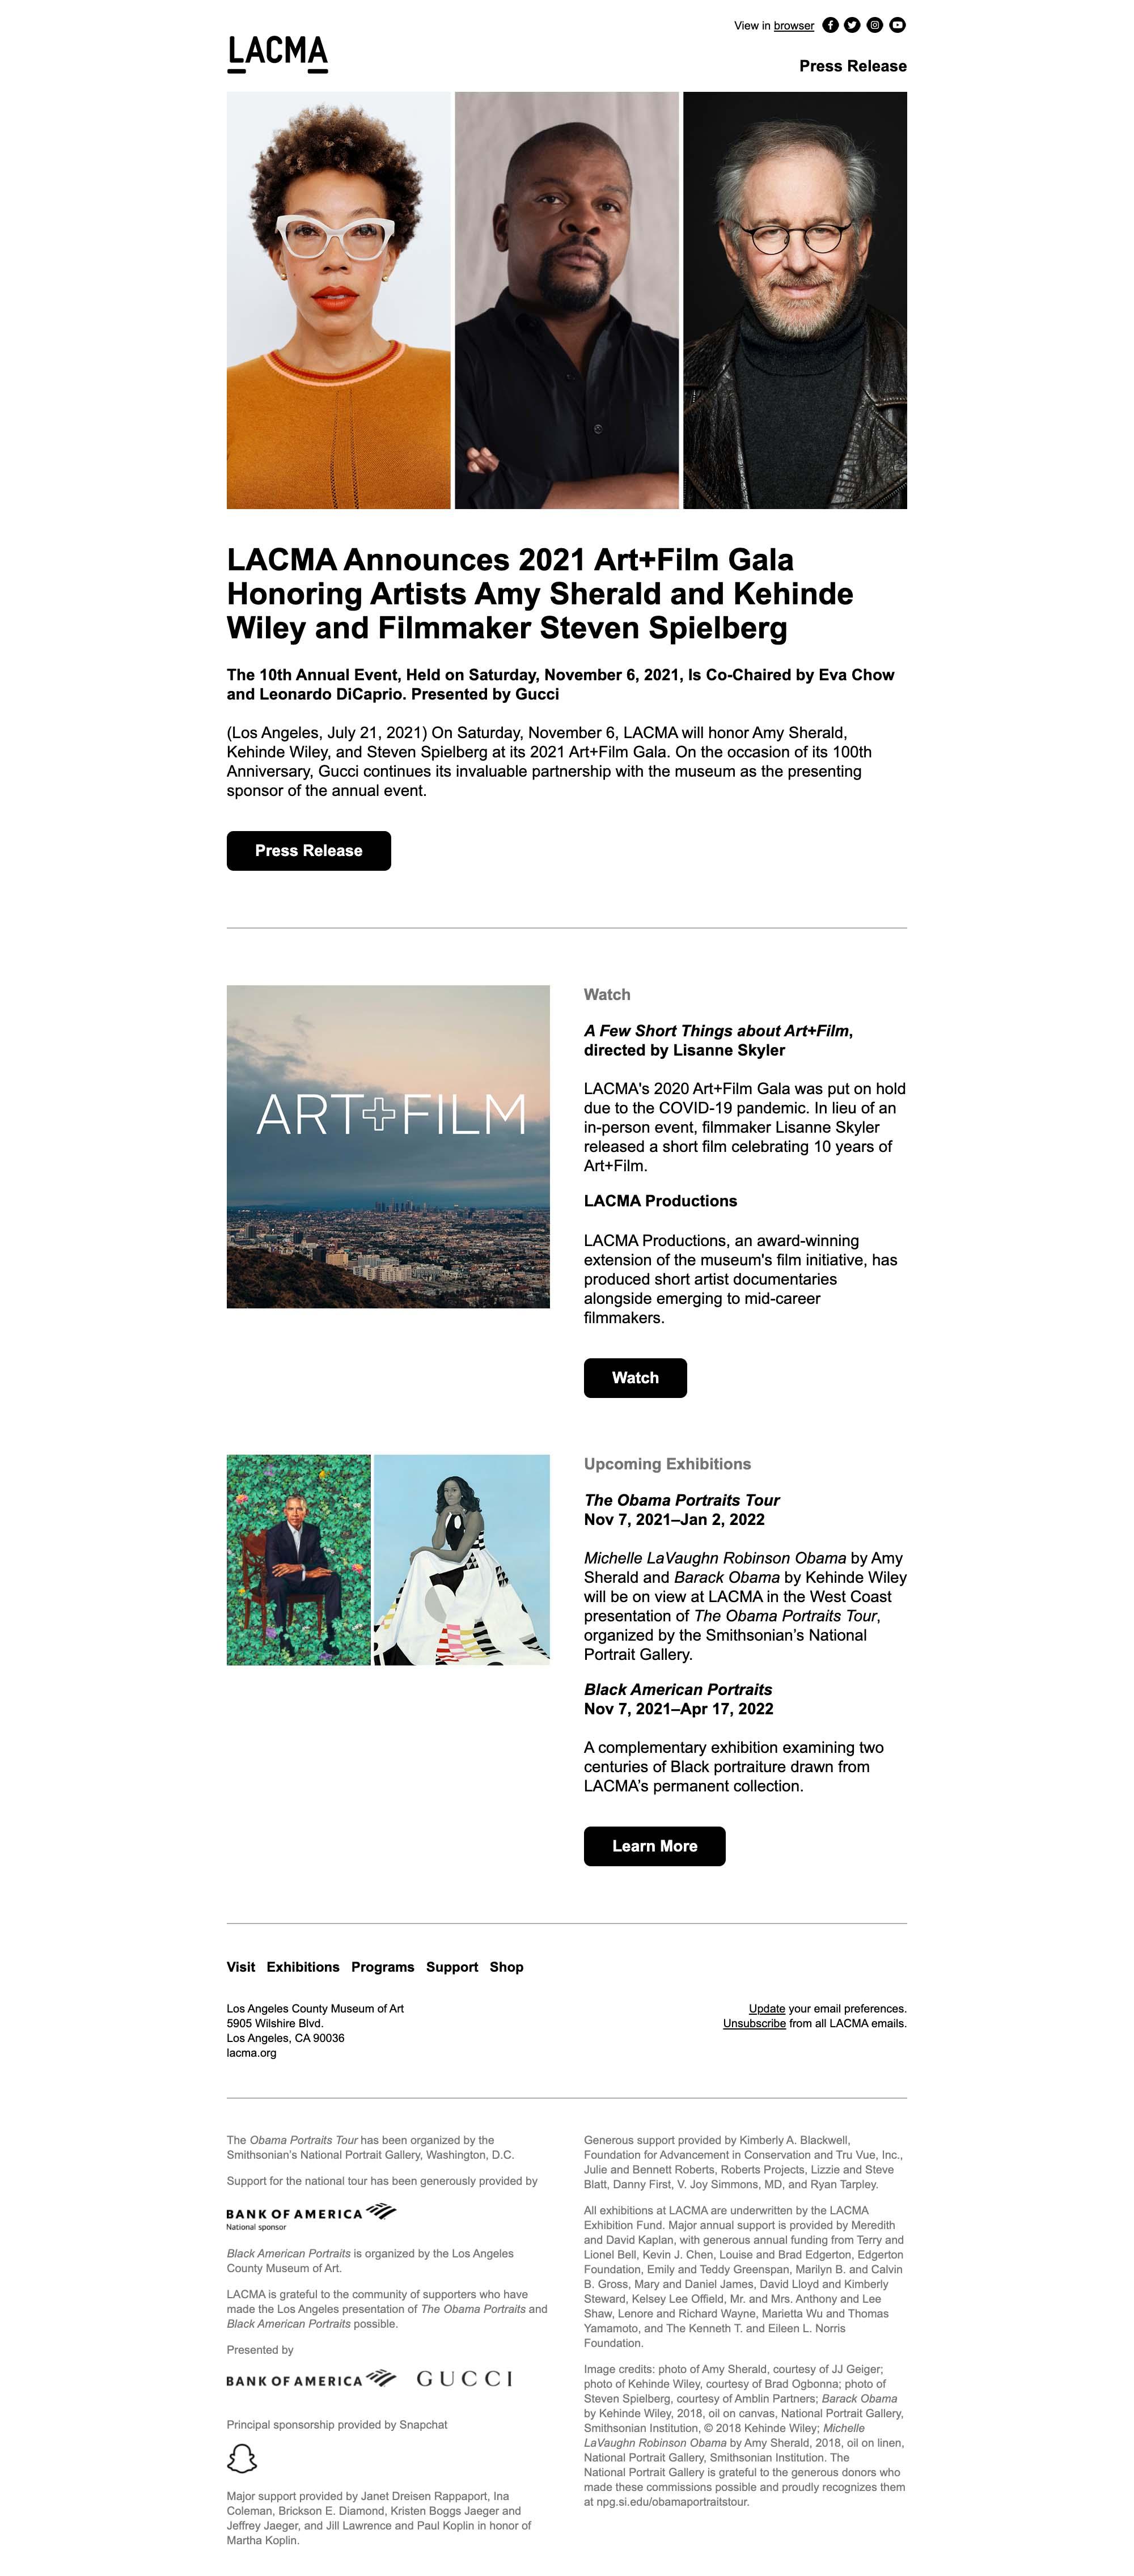 LACMA Announces 2021 Art+Film Gala Honorees - desktop view